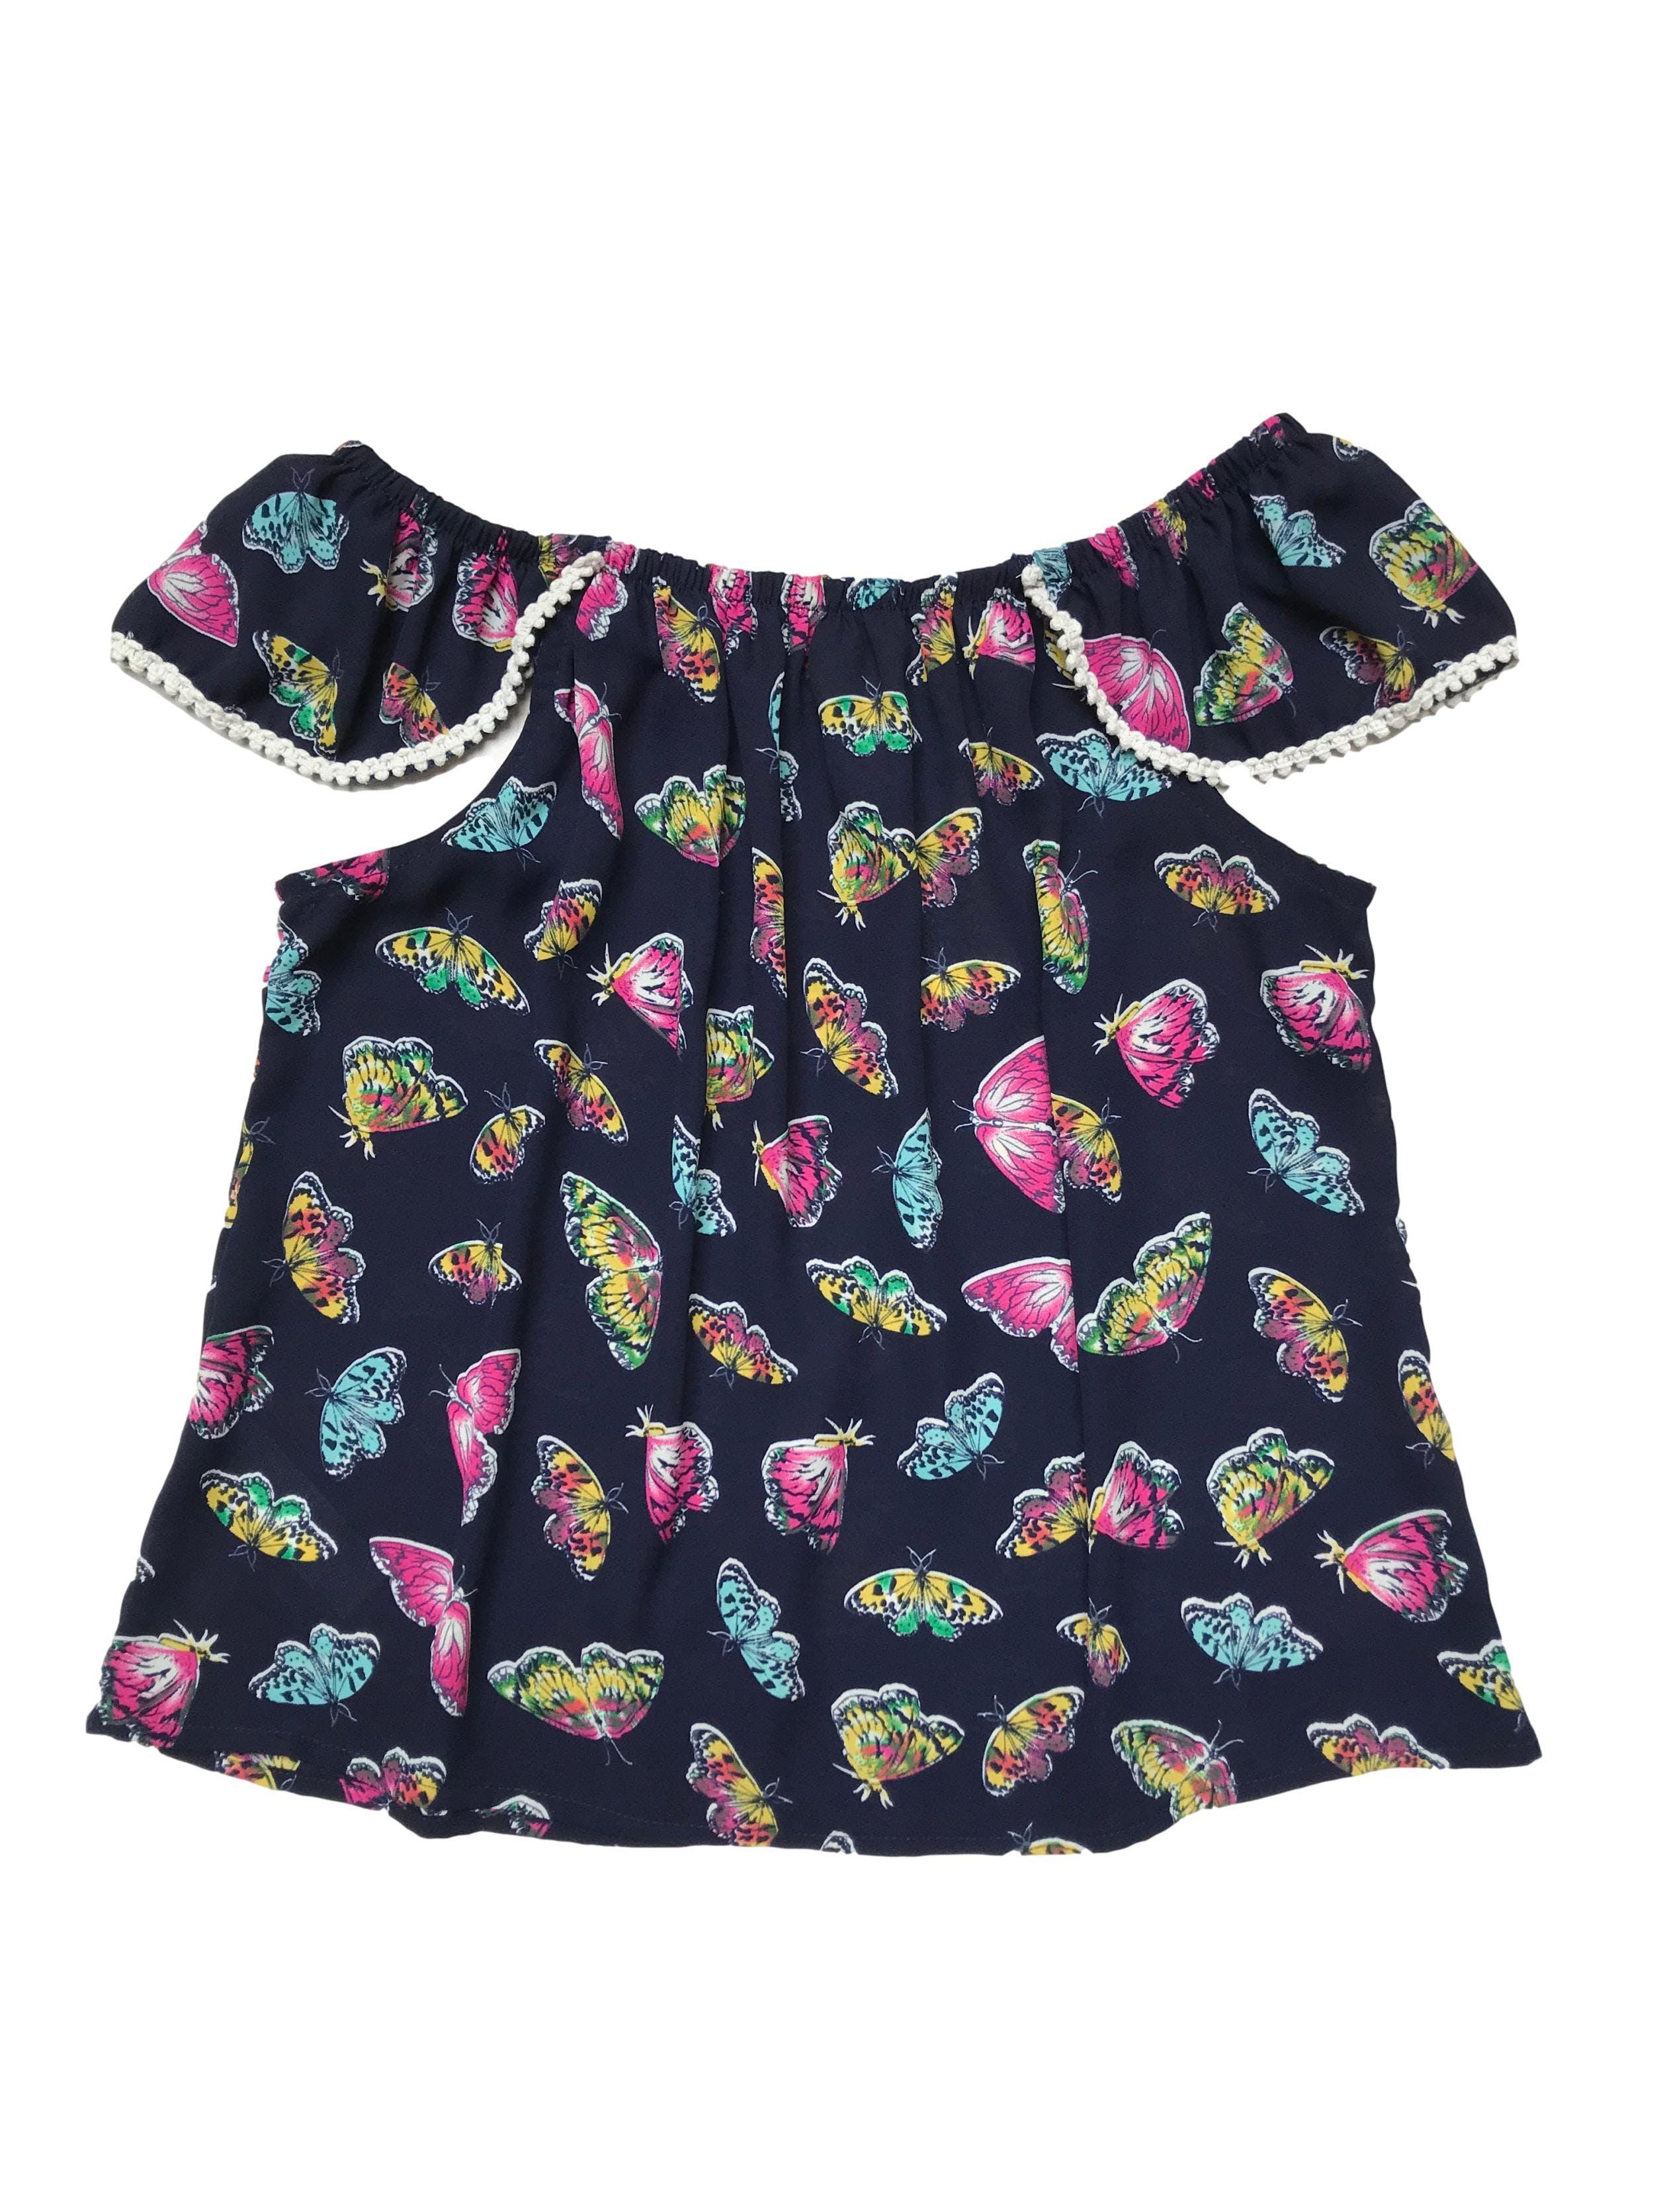 Blusa de gasa con estampado de mariposas, off shoulder elástico con detalle en ribetes.